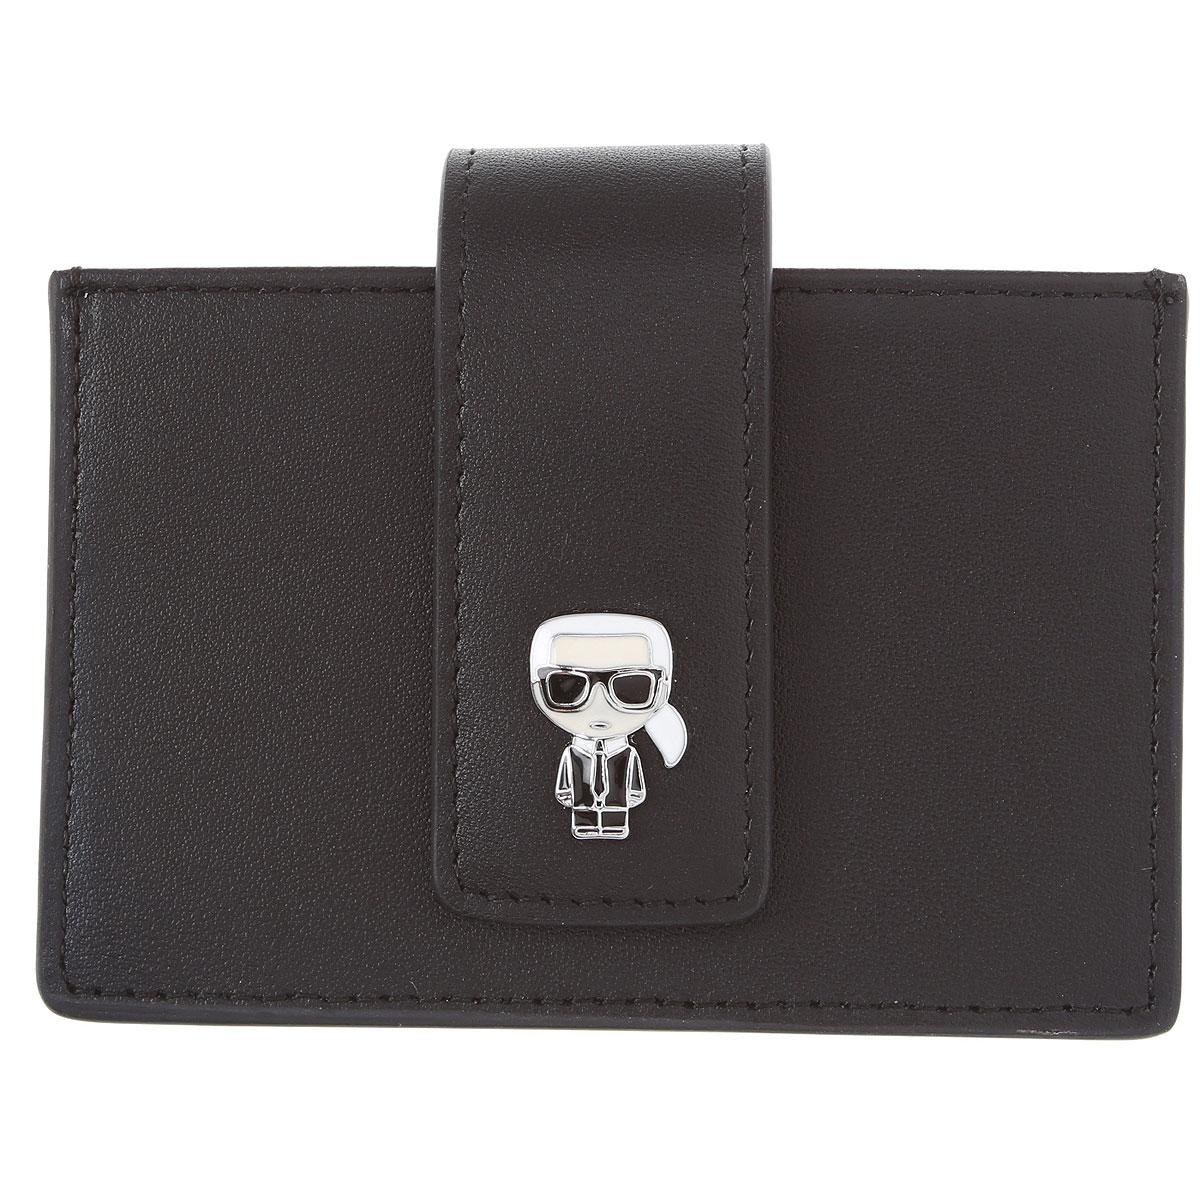 Karl Lagerfeld Card Holder for Men On Sale, Black, Leather, 2019